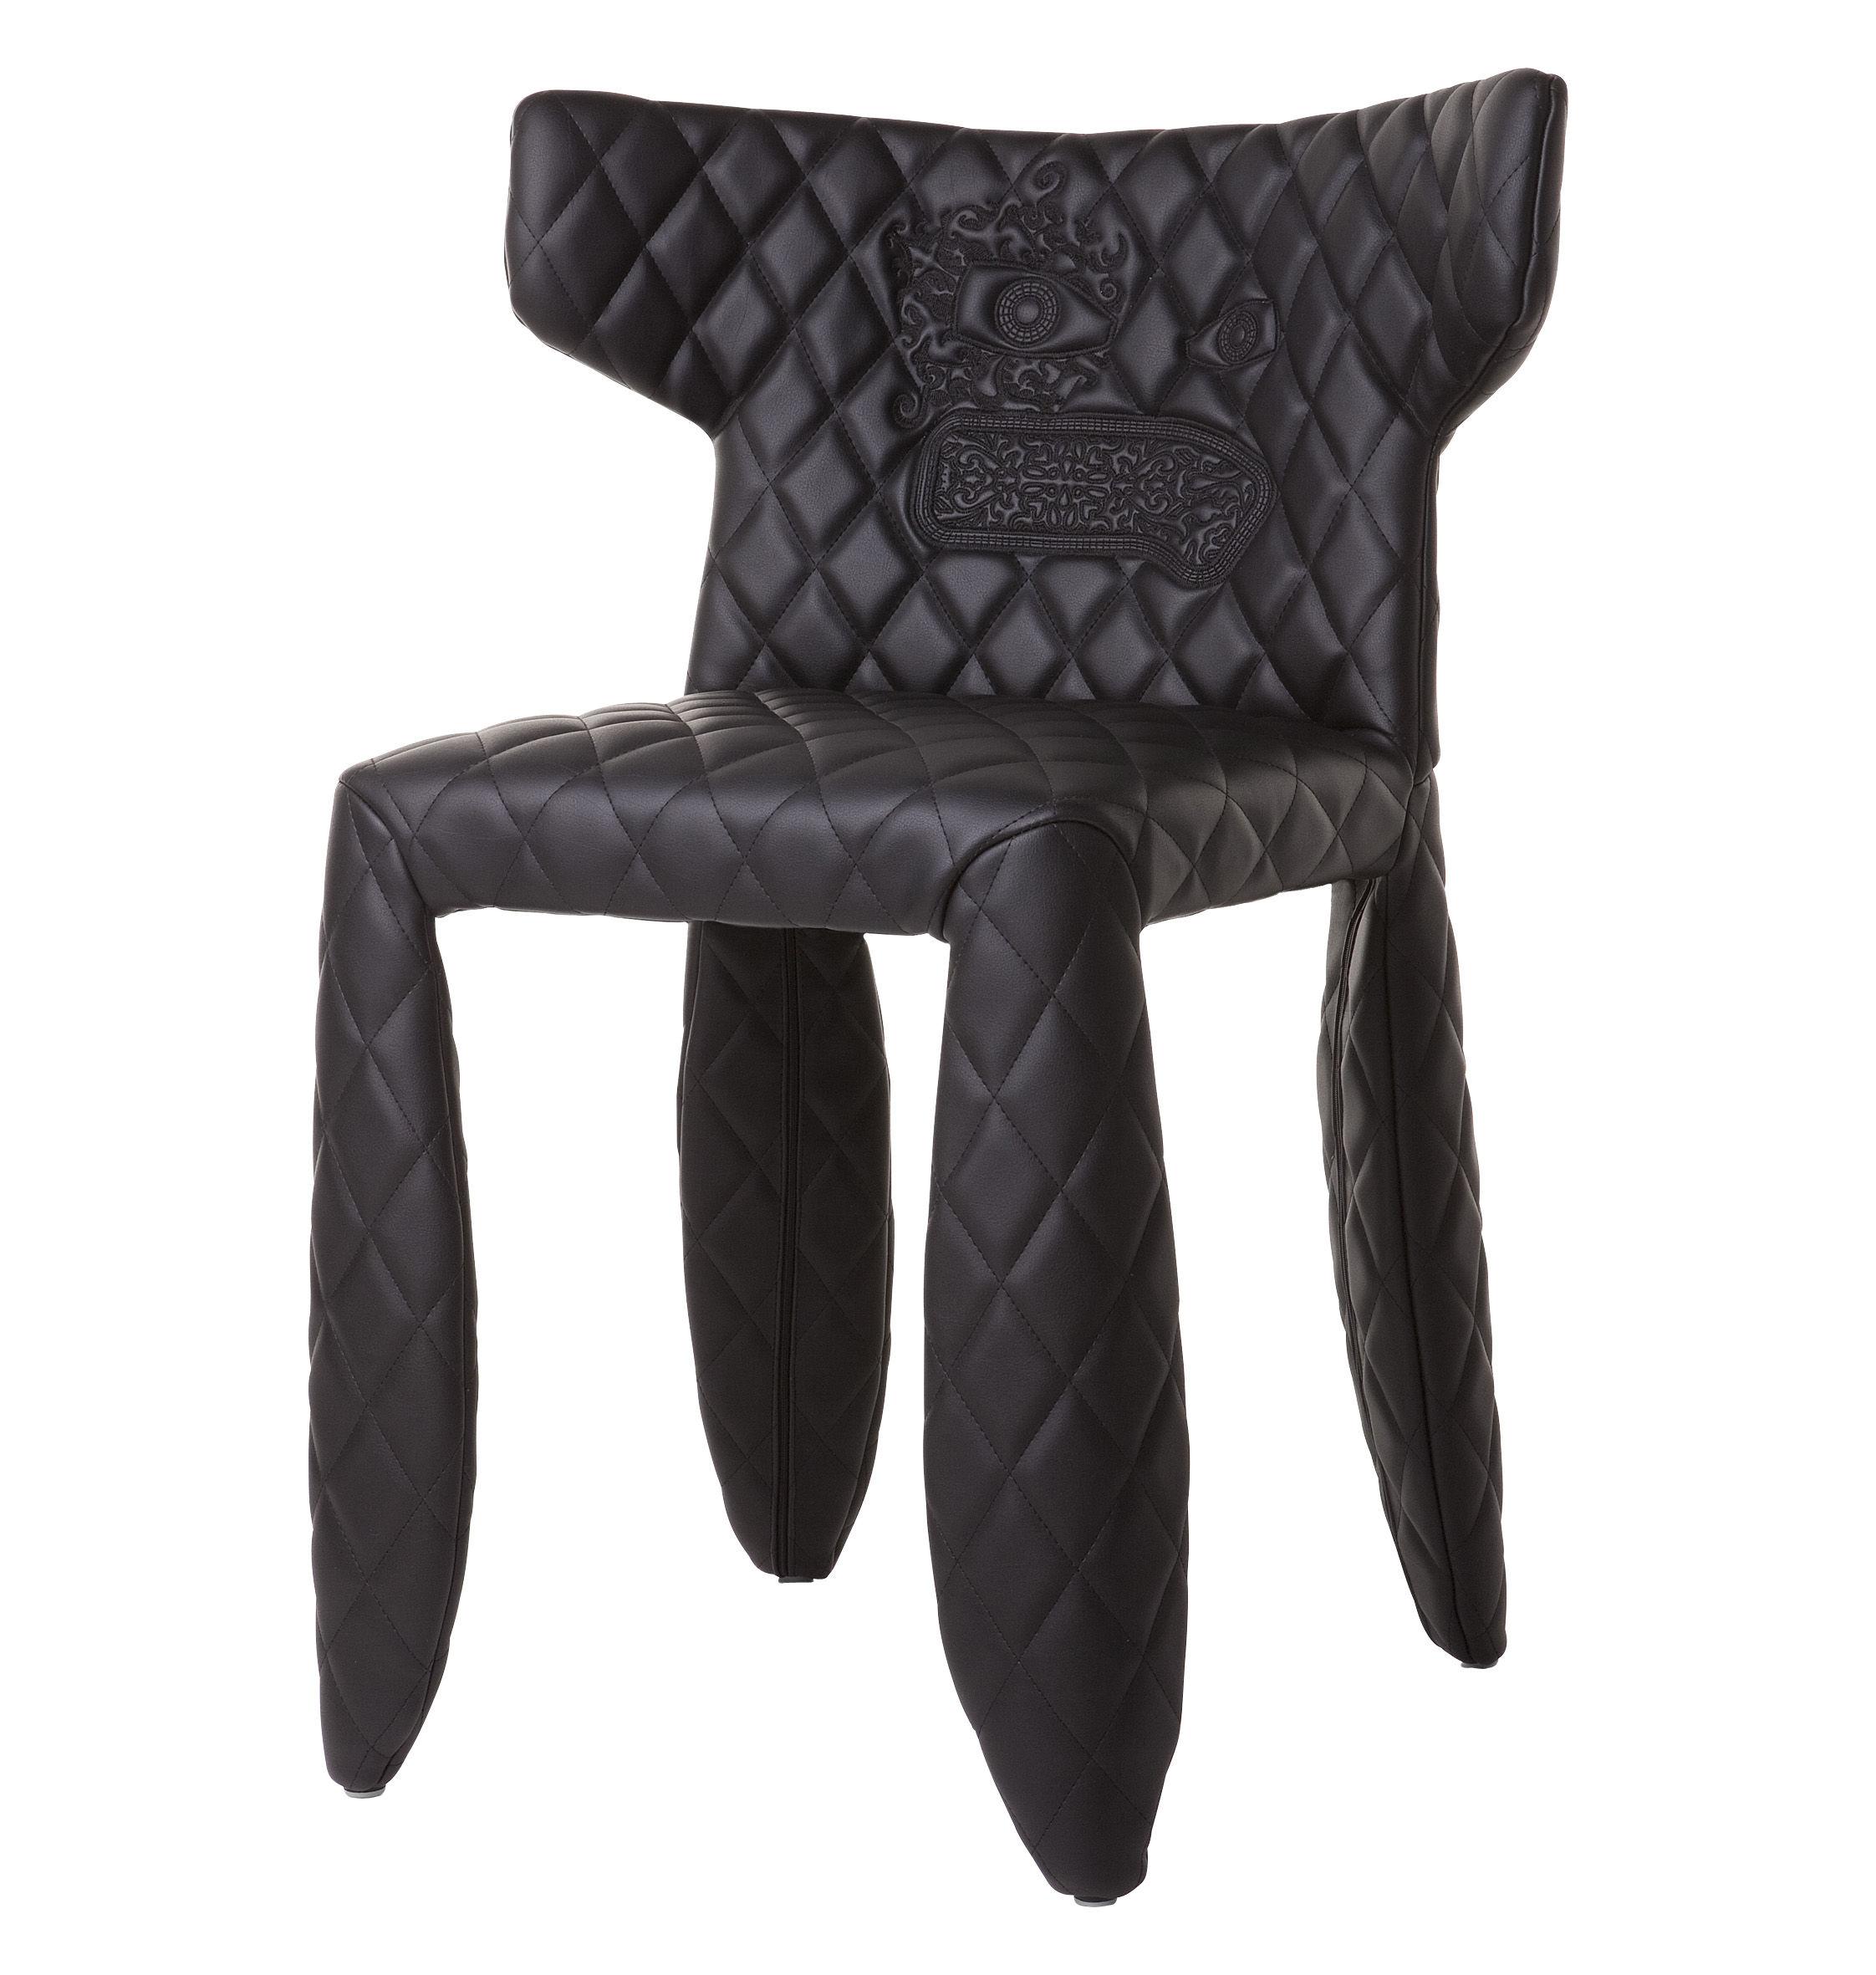 Möbel - Stühle  - Monster Gepolsterter Sessel Modell mit Stickerei - Moooi - Schwarz - bestickt - Cuir synthétique